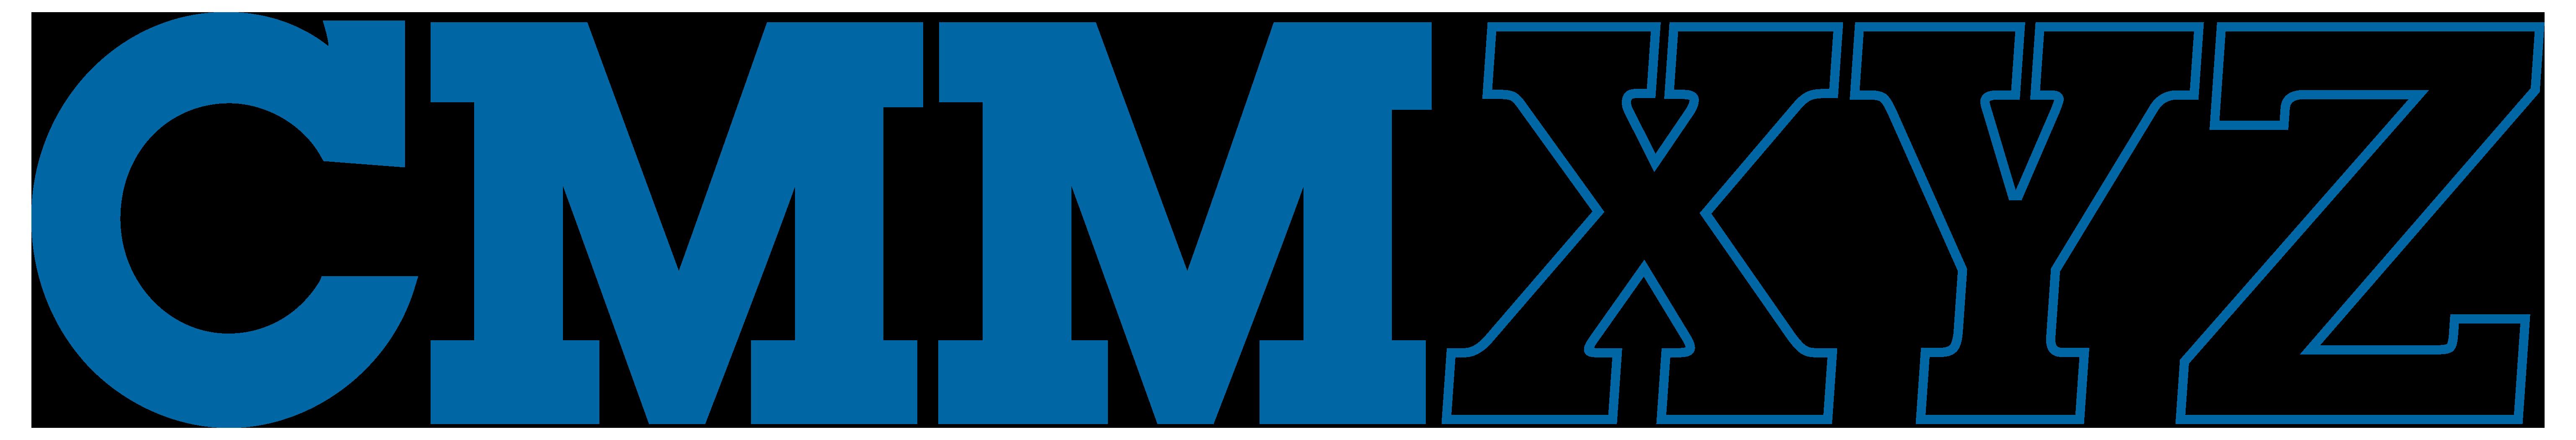 CMMXYZ_Logo_NoTagline_301u